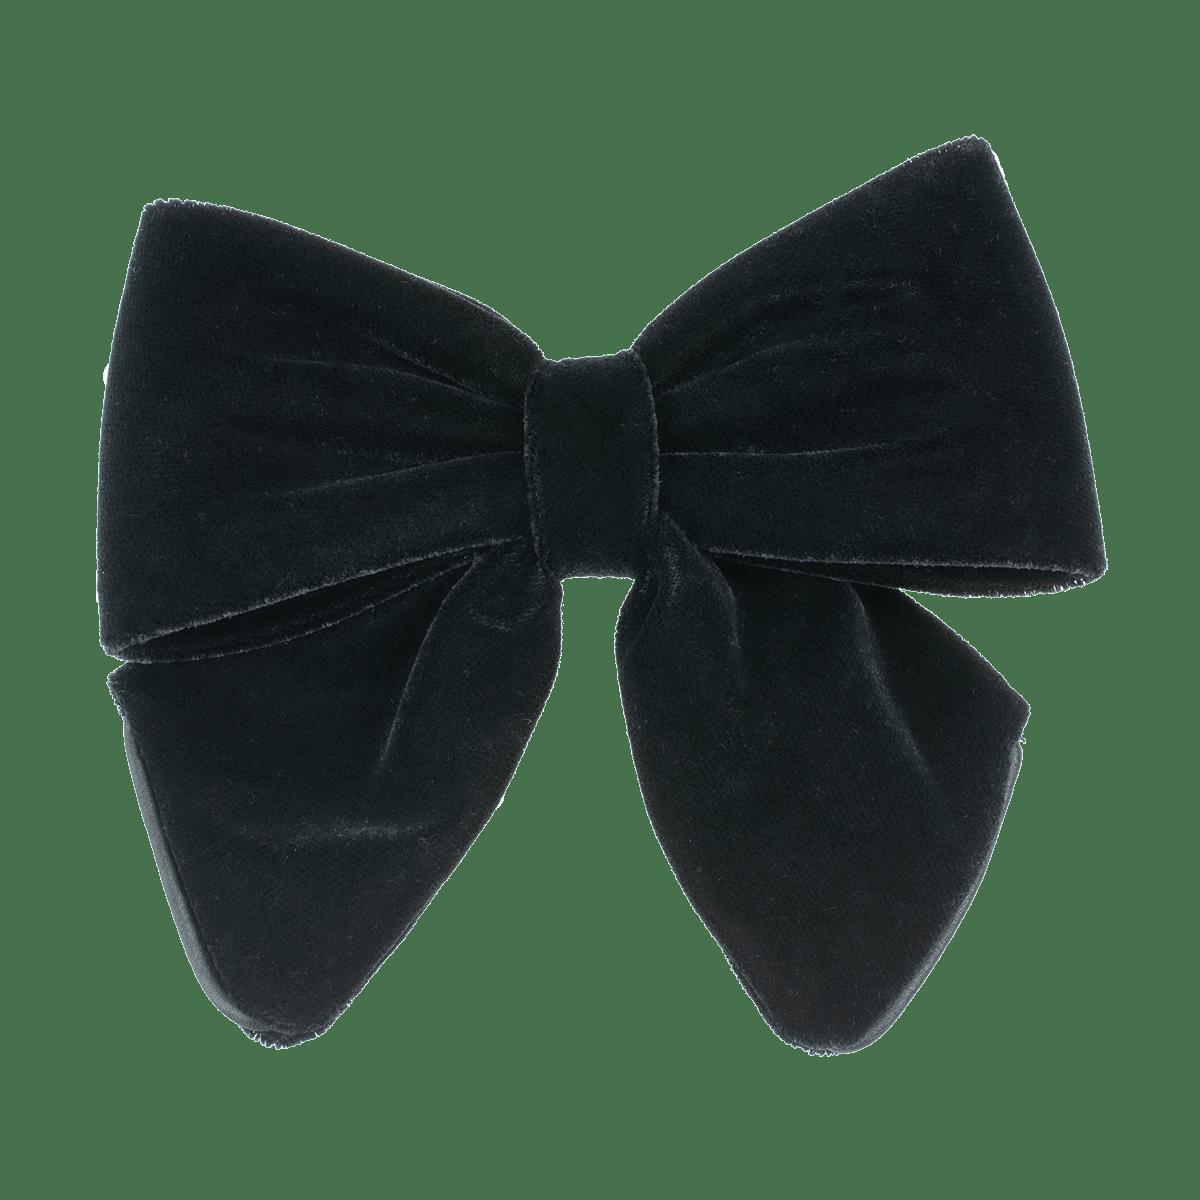 Velvet Bow Black